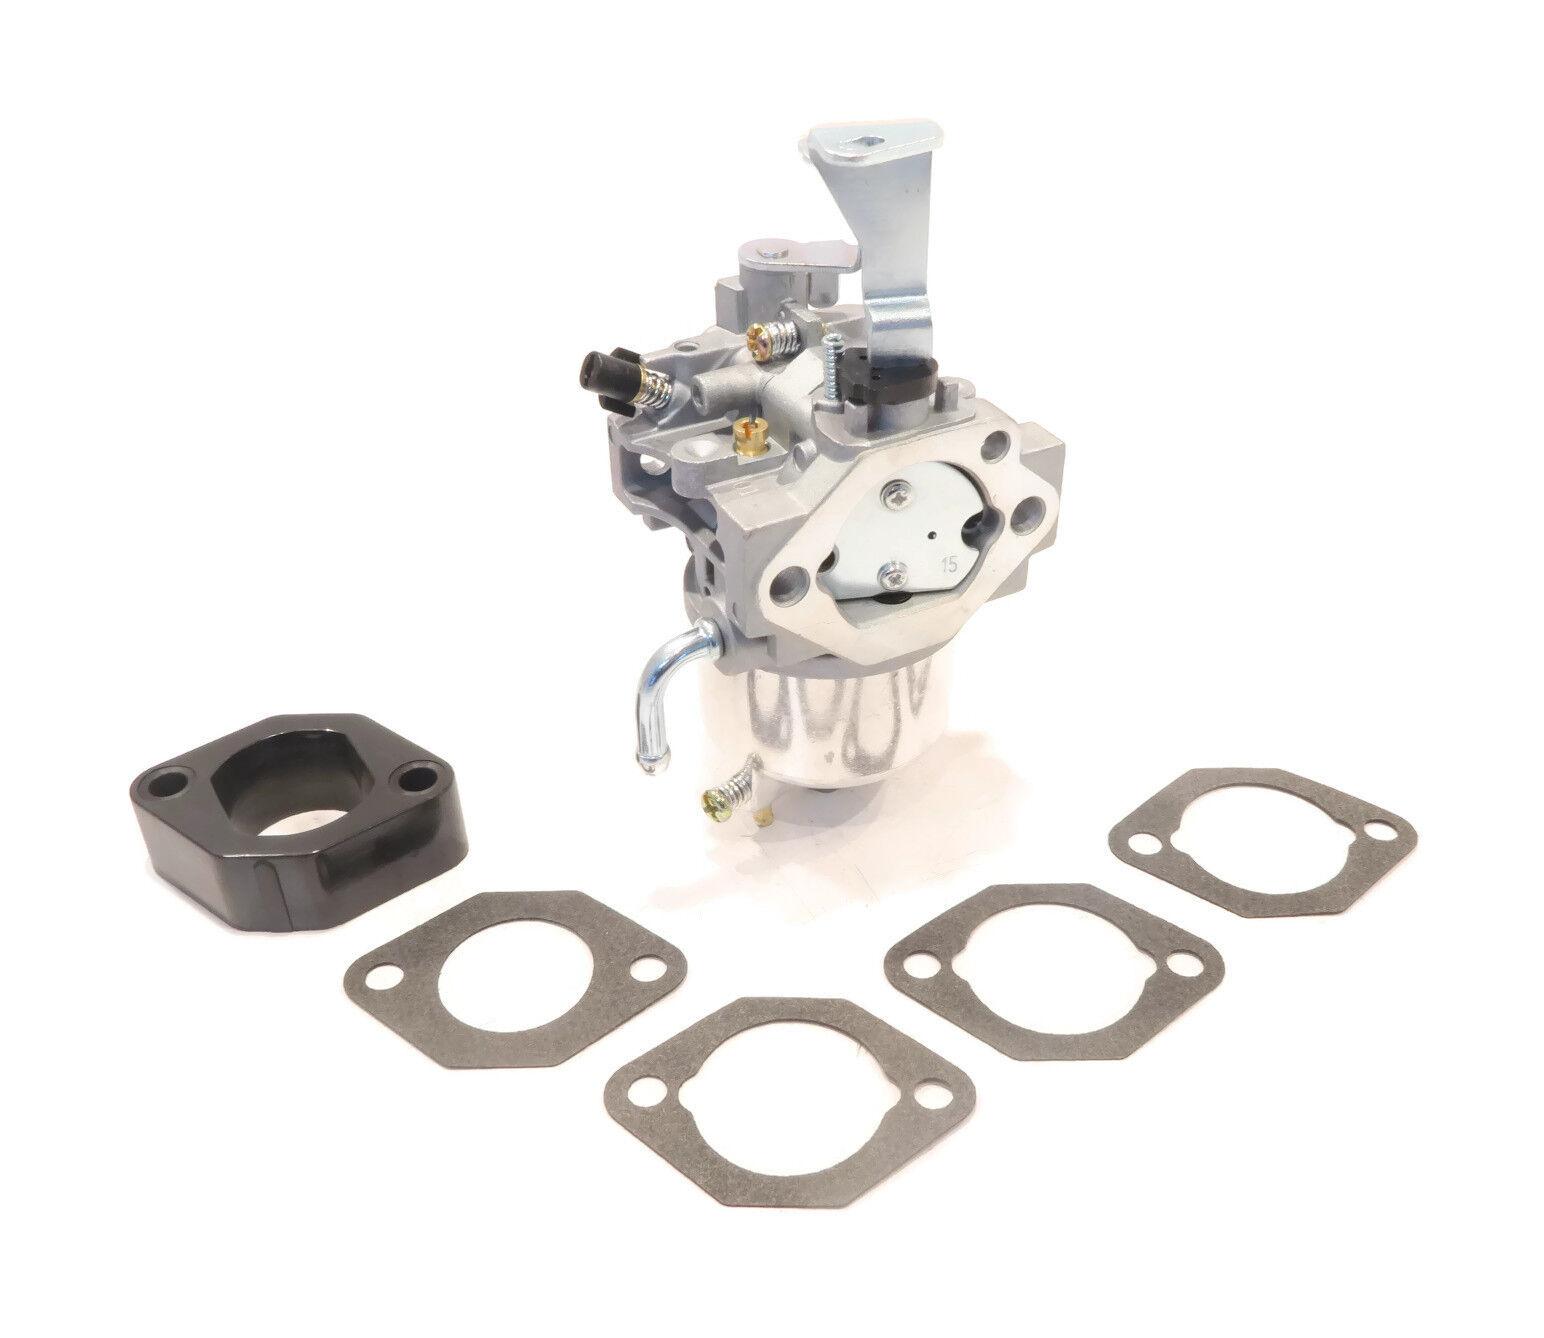 CARBURETOR w// GASKETS fits Briggs /& Stratton 185432-0538-A1 185432-0538-B1 Mower